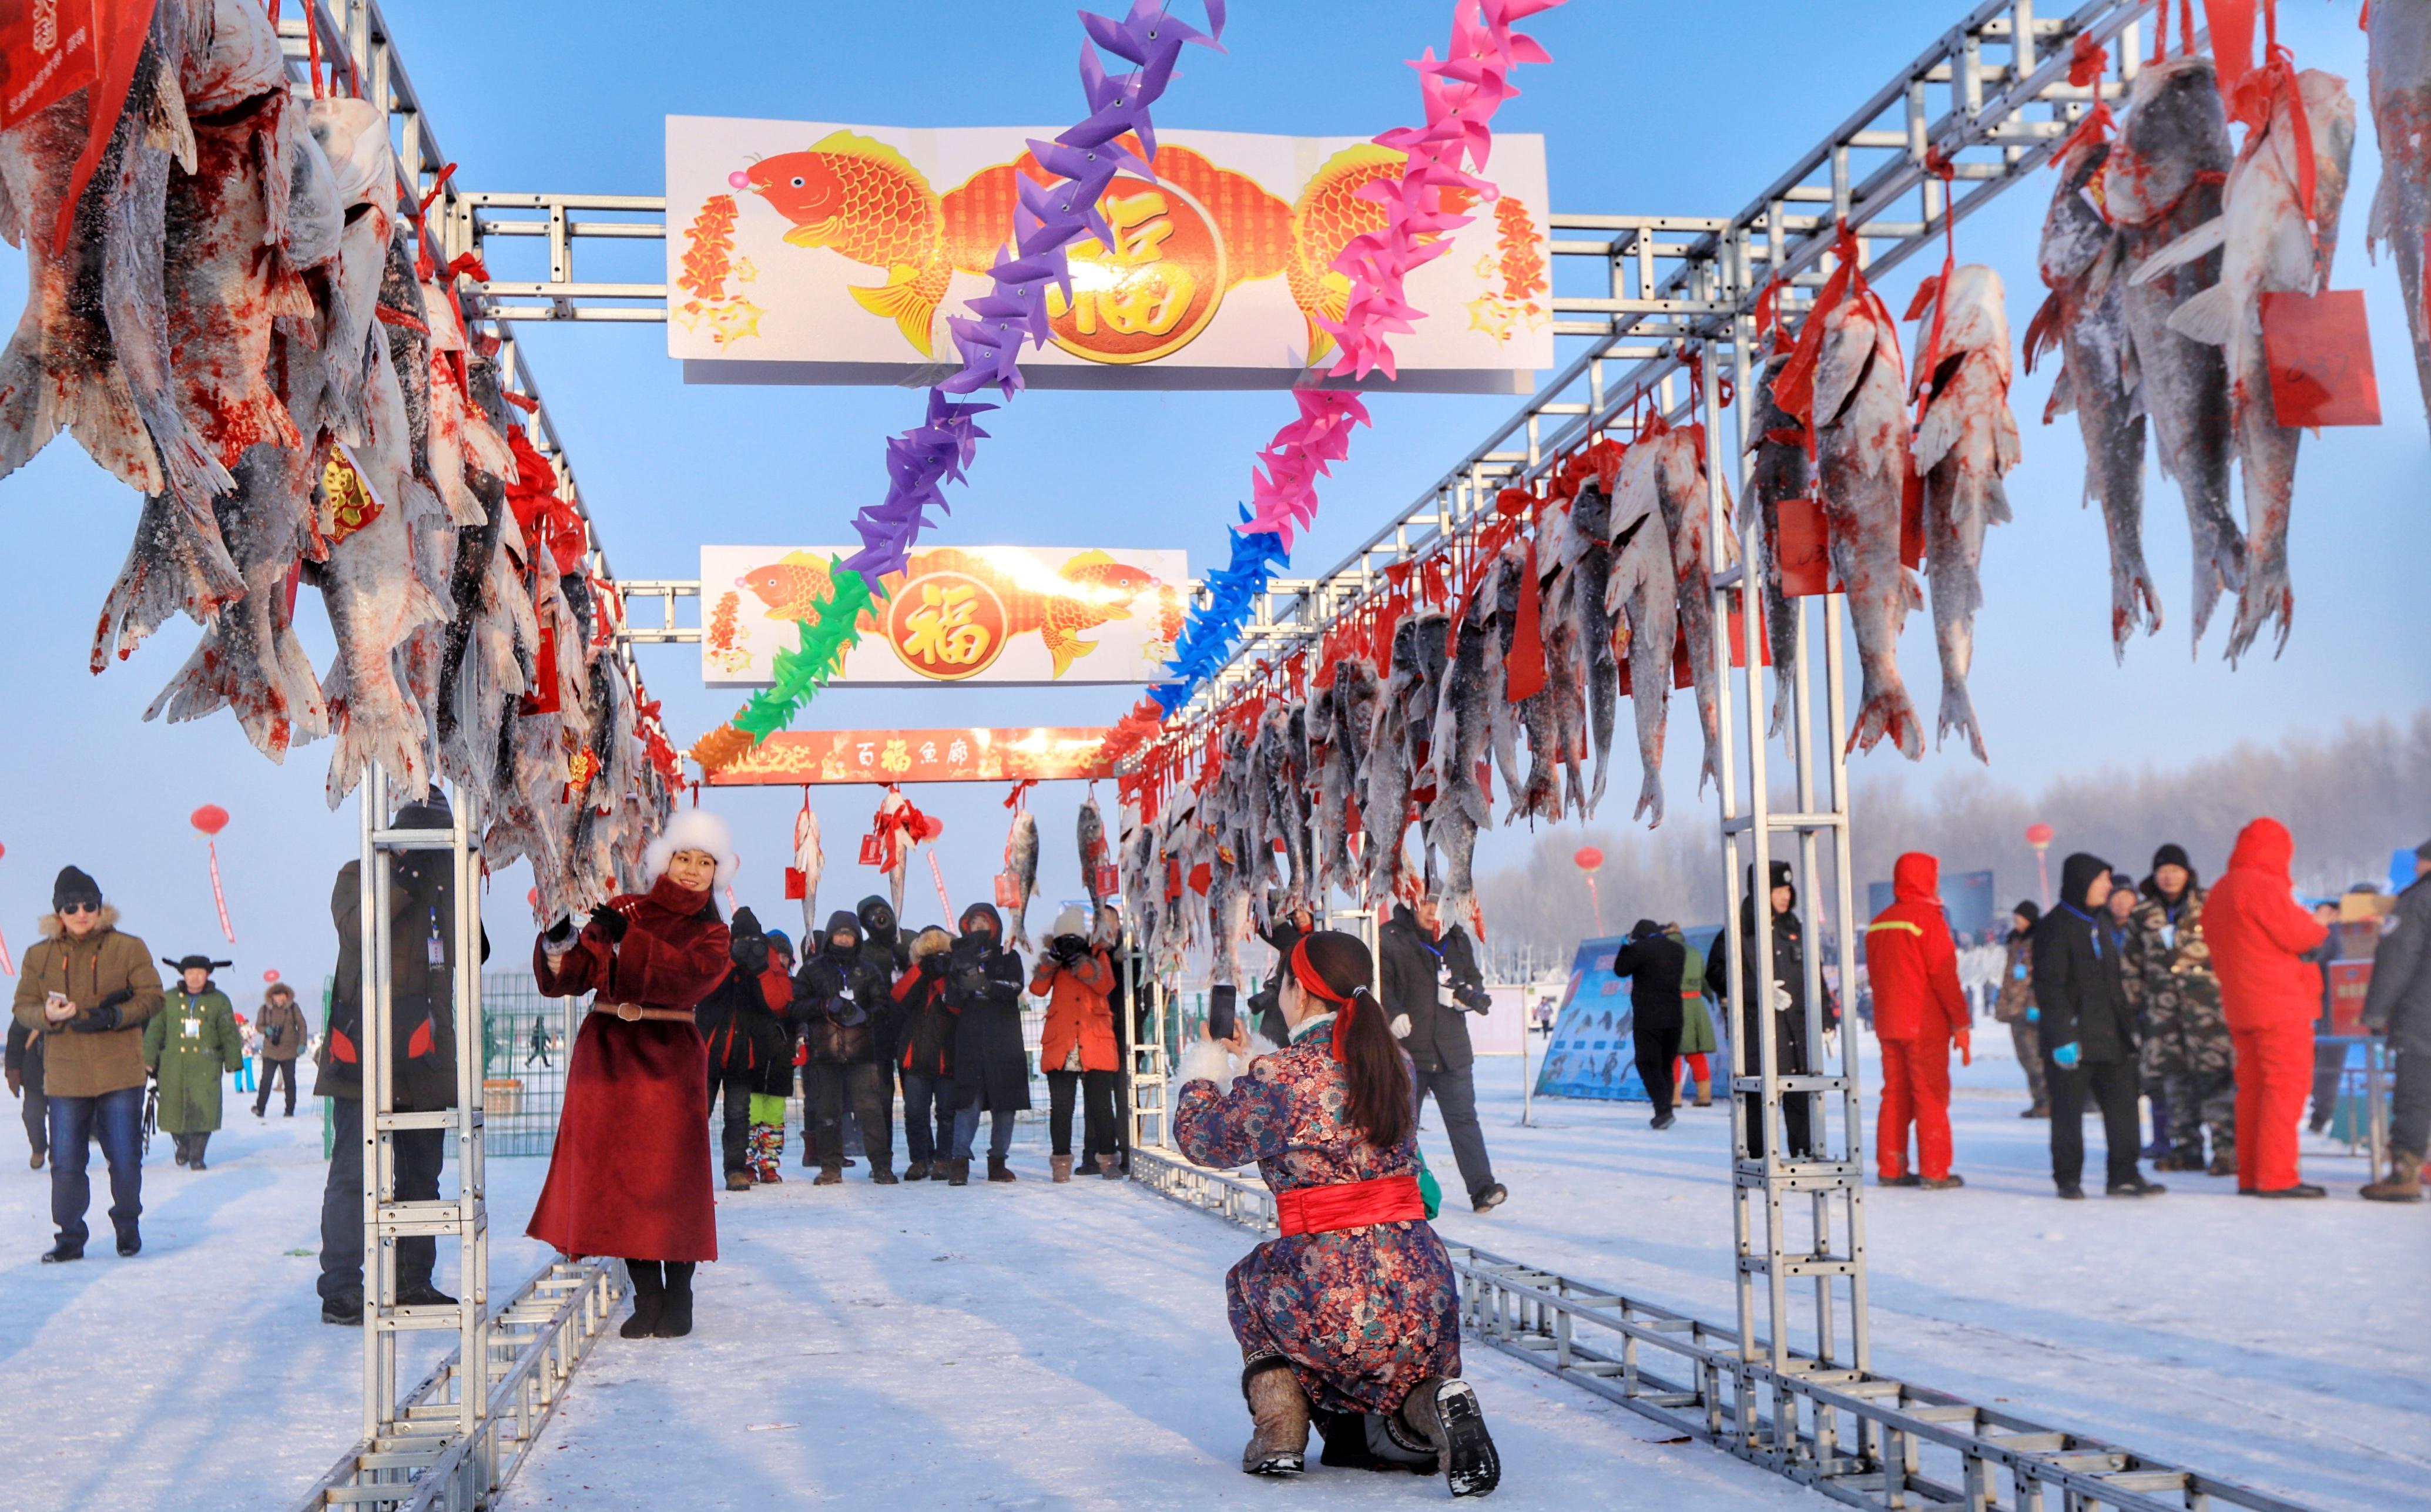 大庆连环湖冰雪渔猎文旅节:感受神秘冬捕文化 体验冬日旅游沸腾